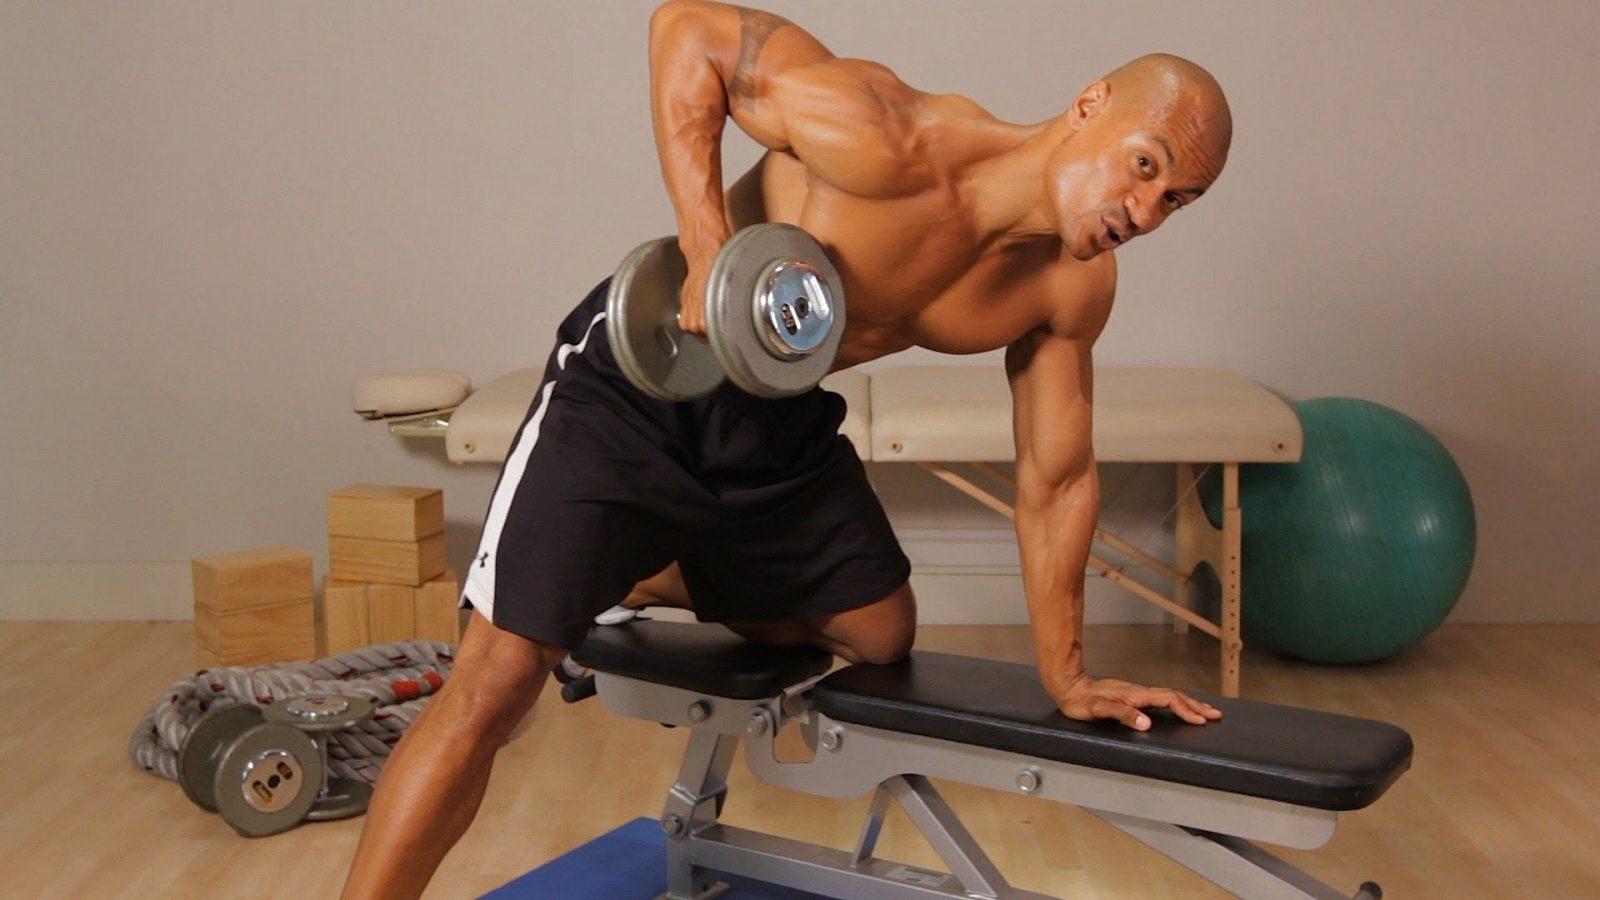 Как накачать мышцы в домашних условиях: упражнения и программа тренировок